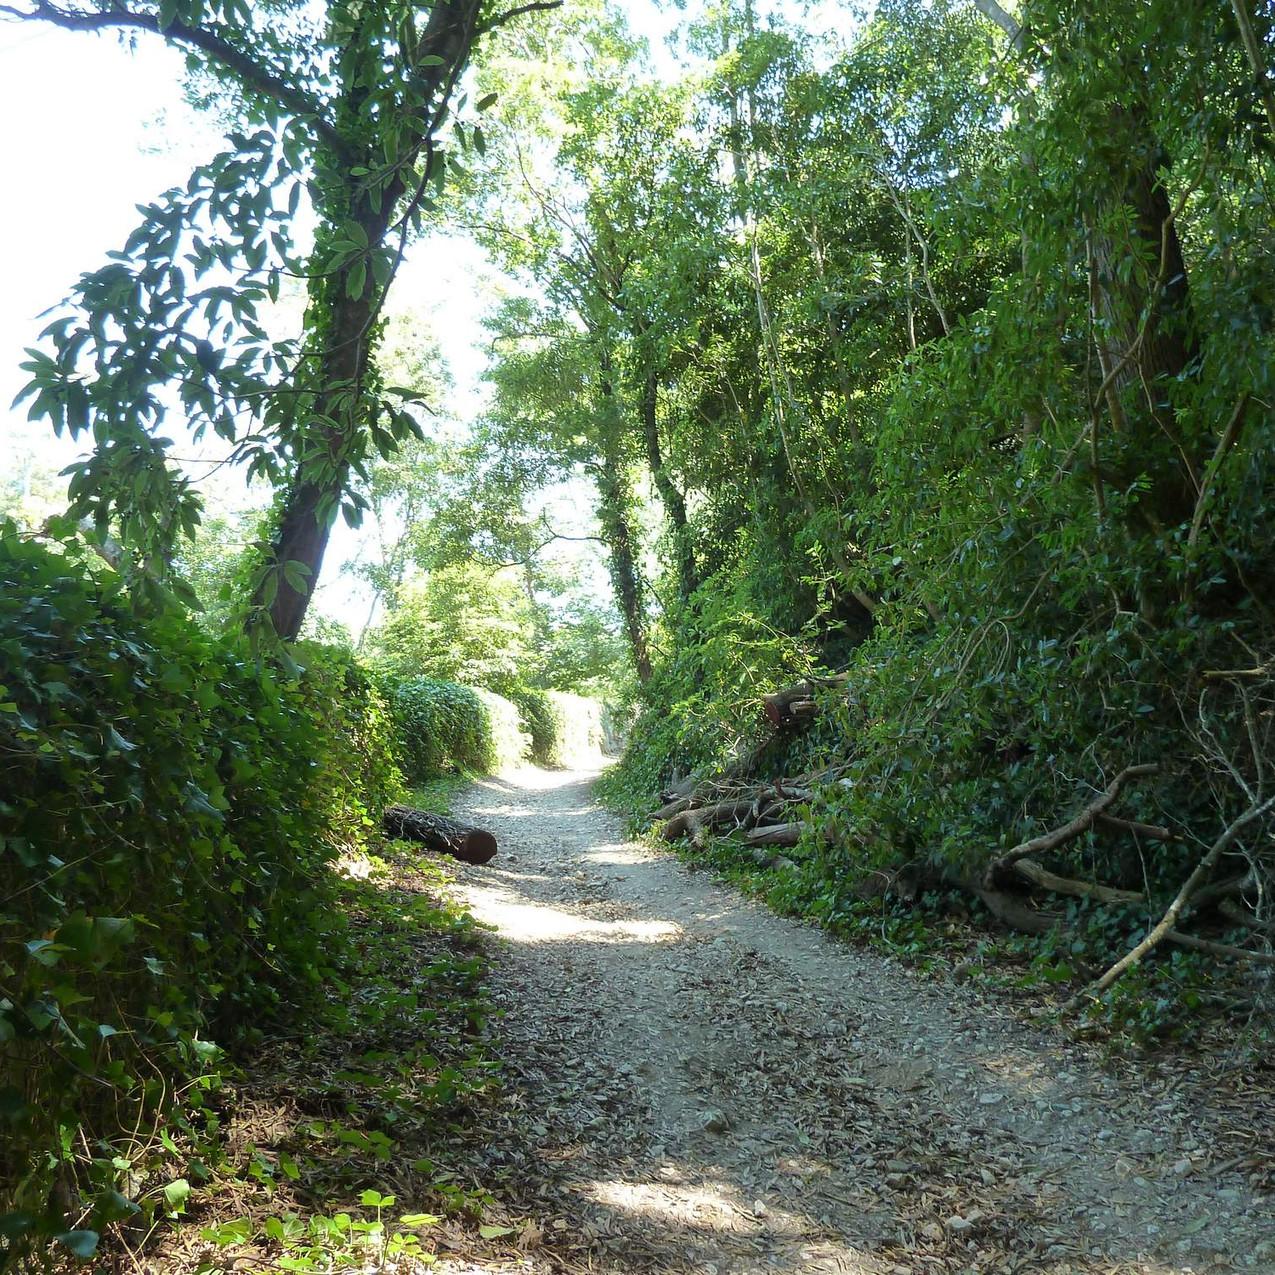 Rampa da Pena hiking trail